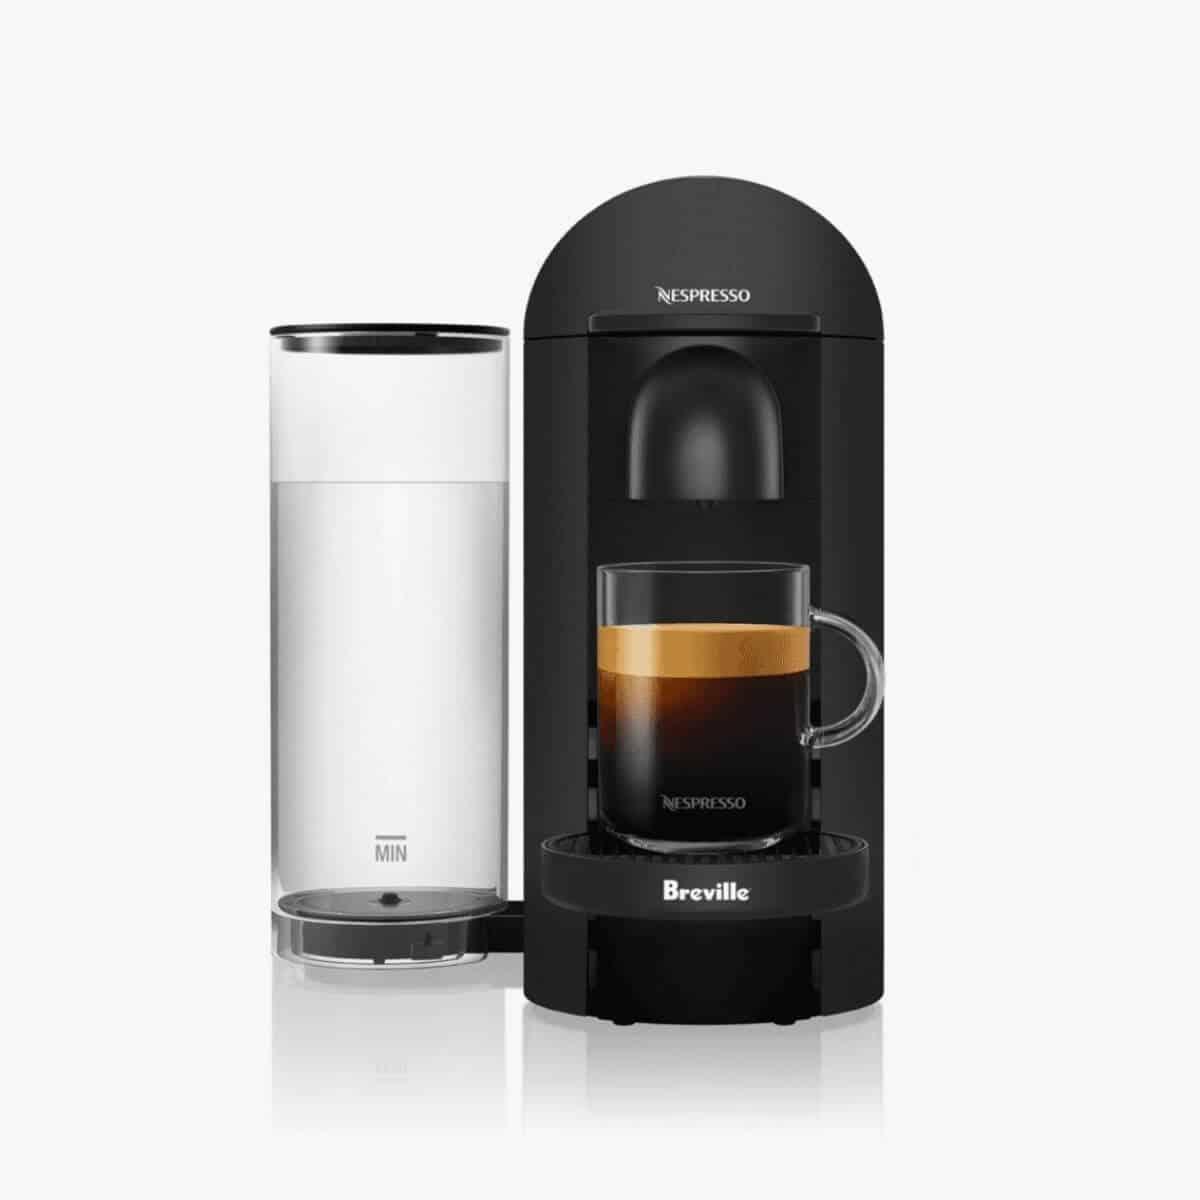 Breville-Nespresso coffee machine.